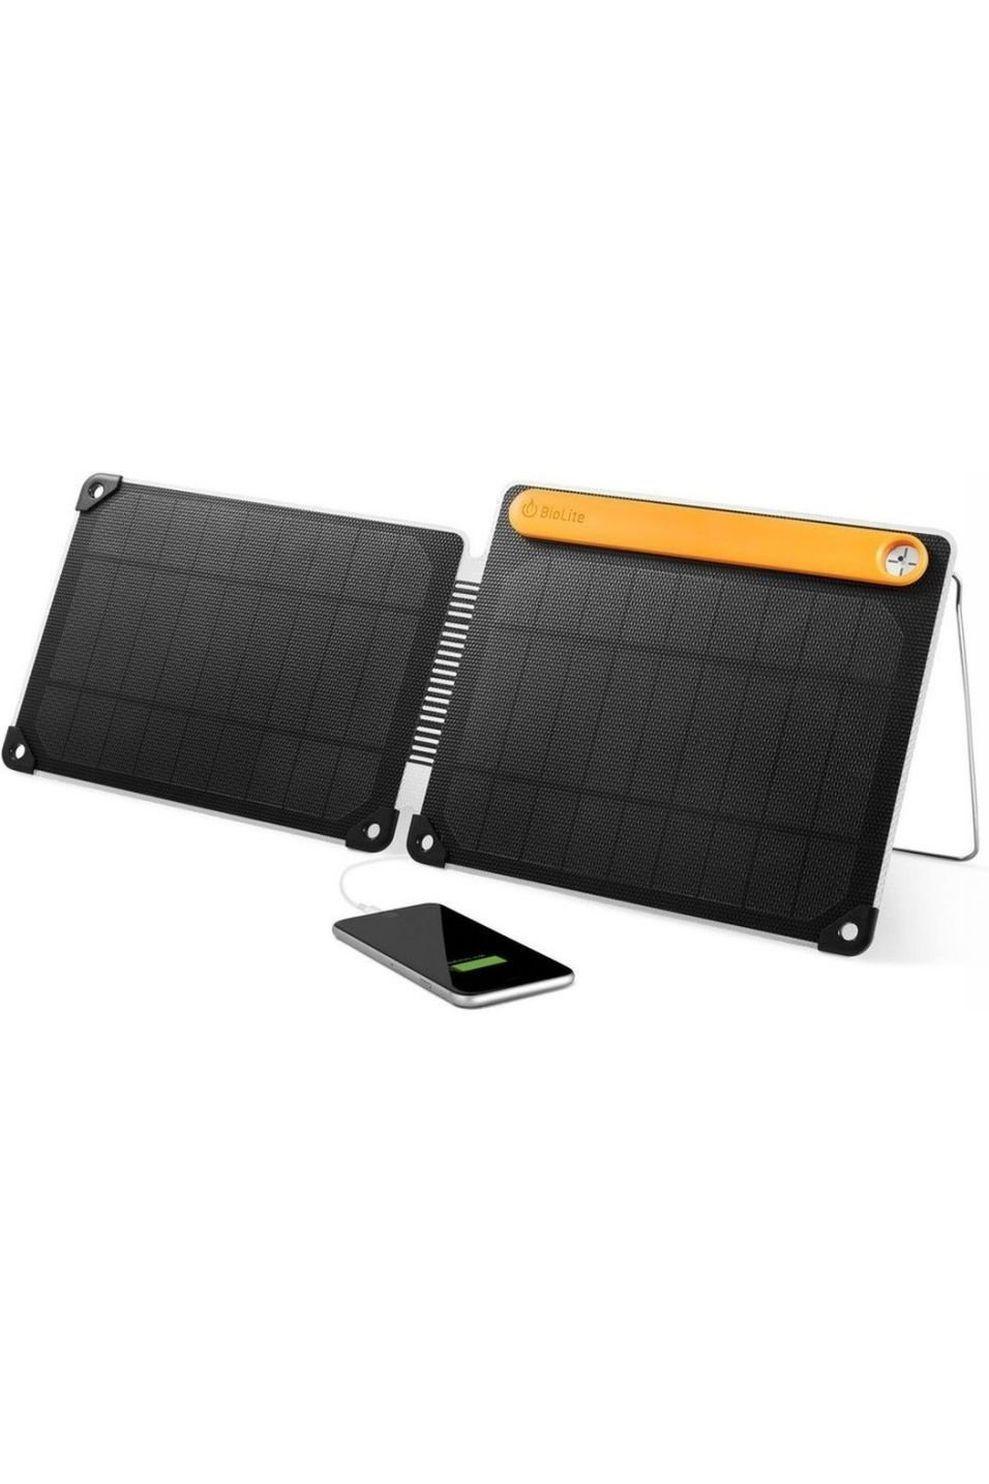 BioLite Oplader Solarpanel 10+ (3000 Mah) - - Transparant